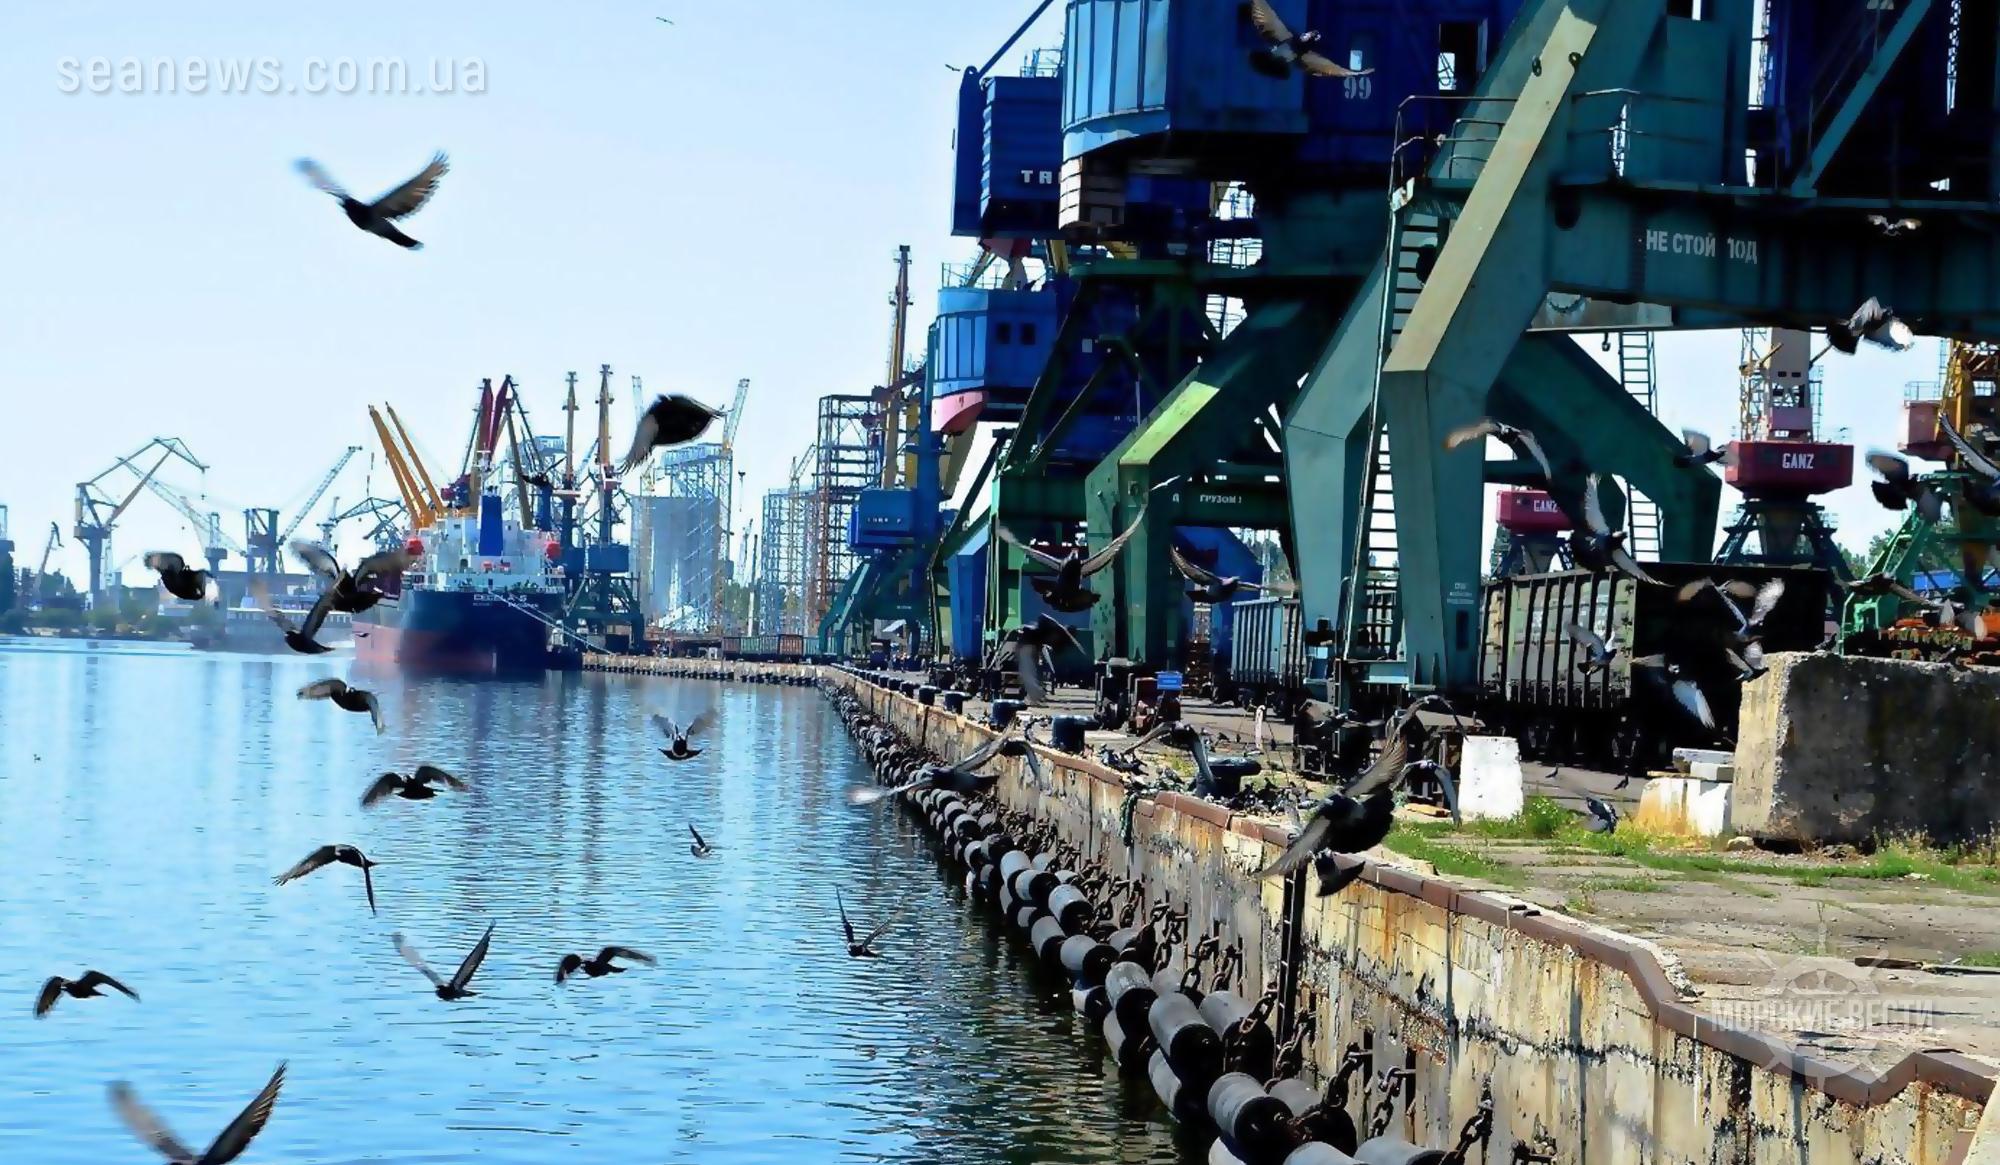 Работа одного из крупнейших в стране порта может быть парализована